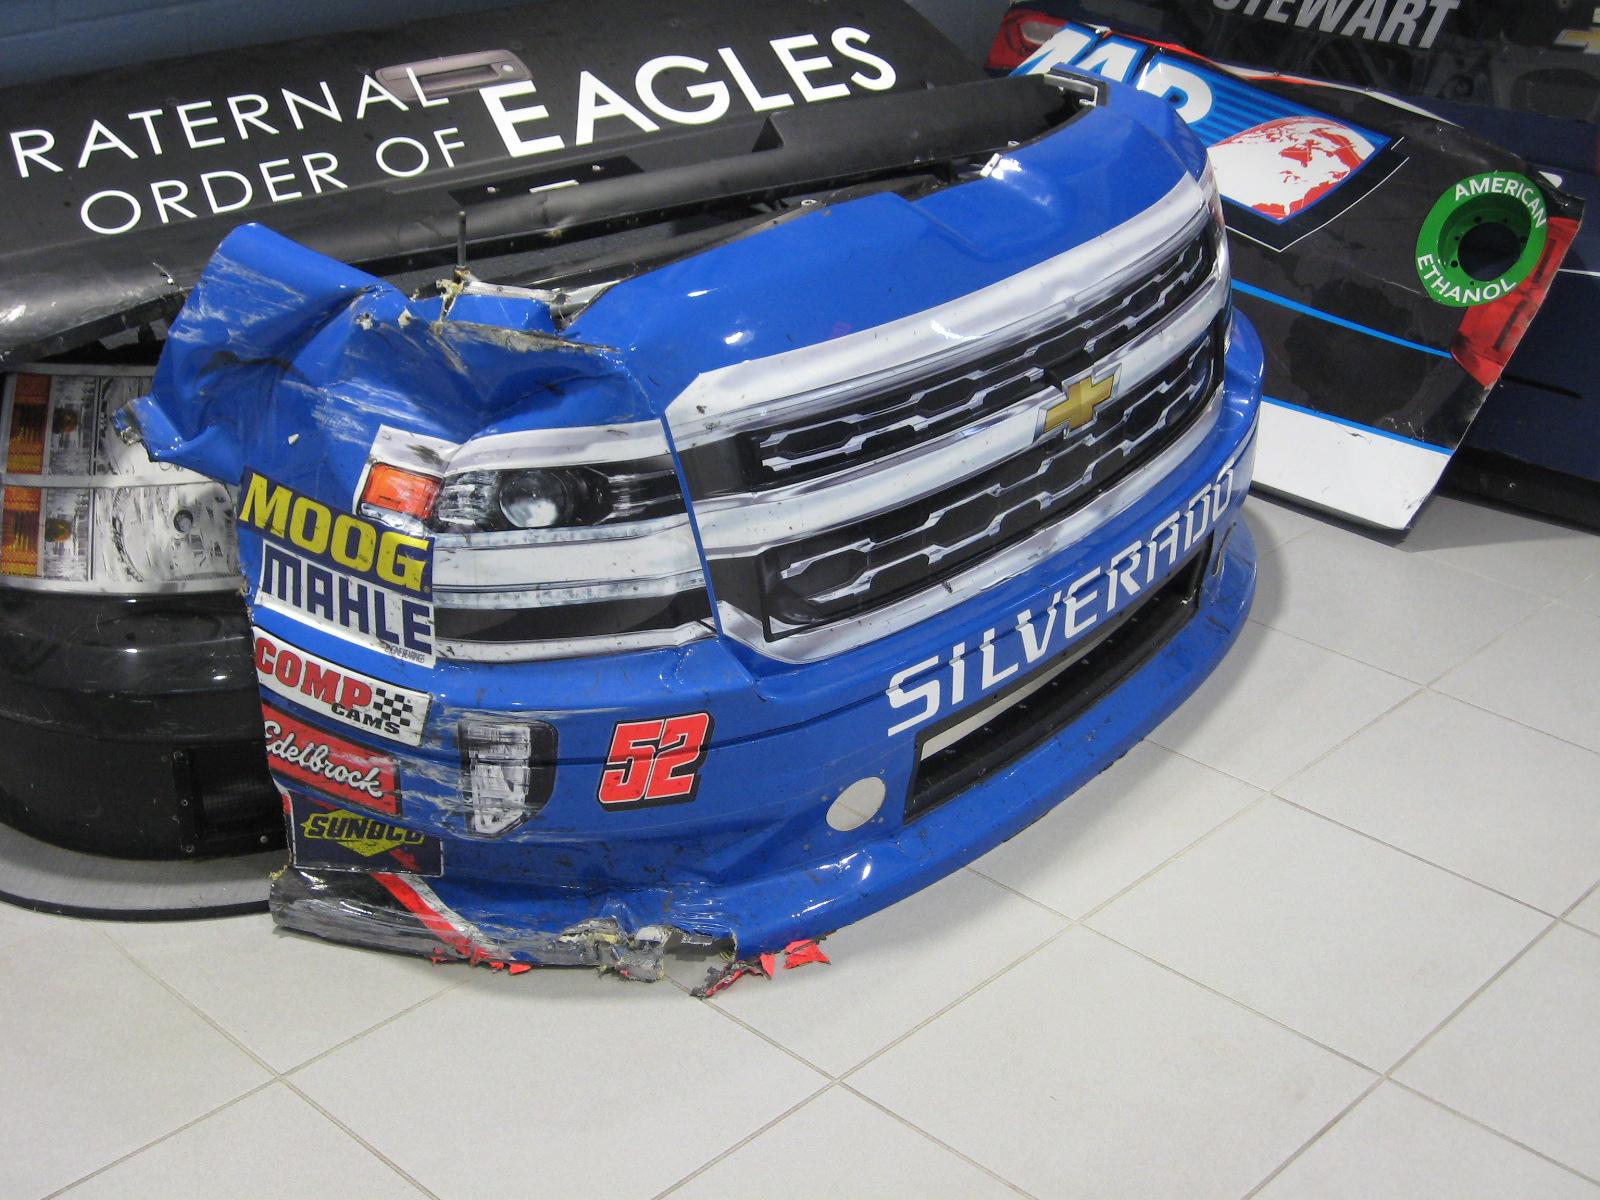 Nose from #52 NASCAR Camping World Series Truck of Stewart Friesen